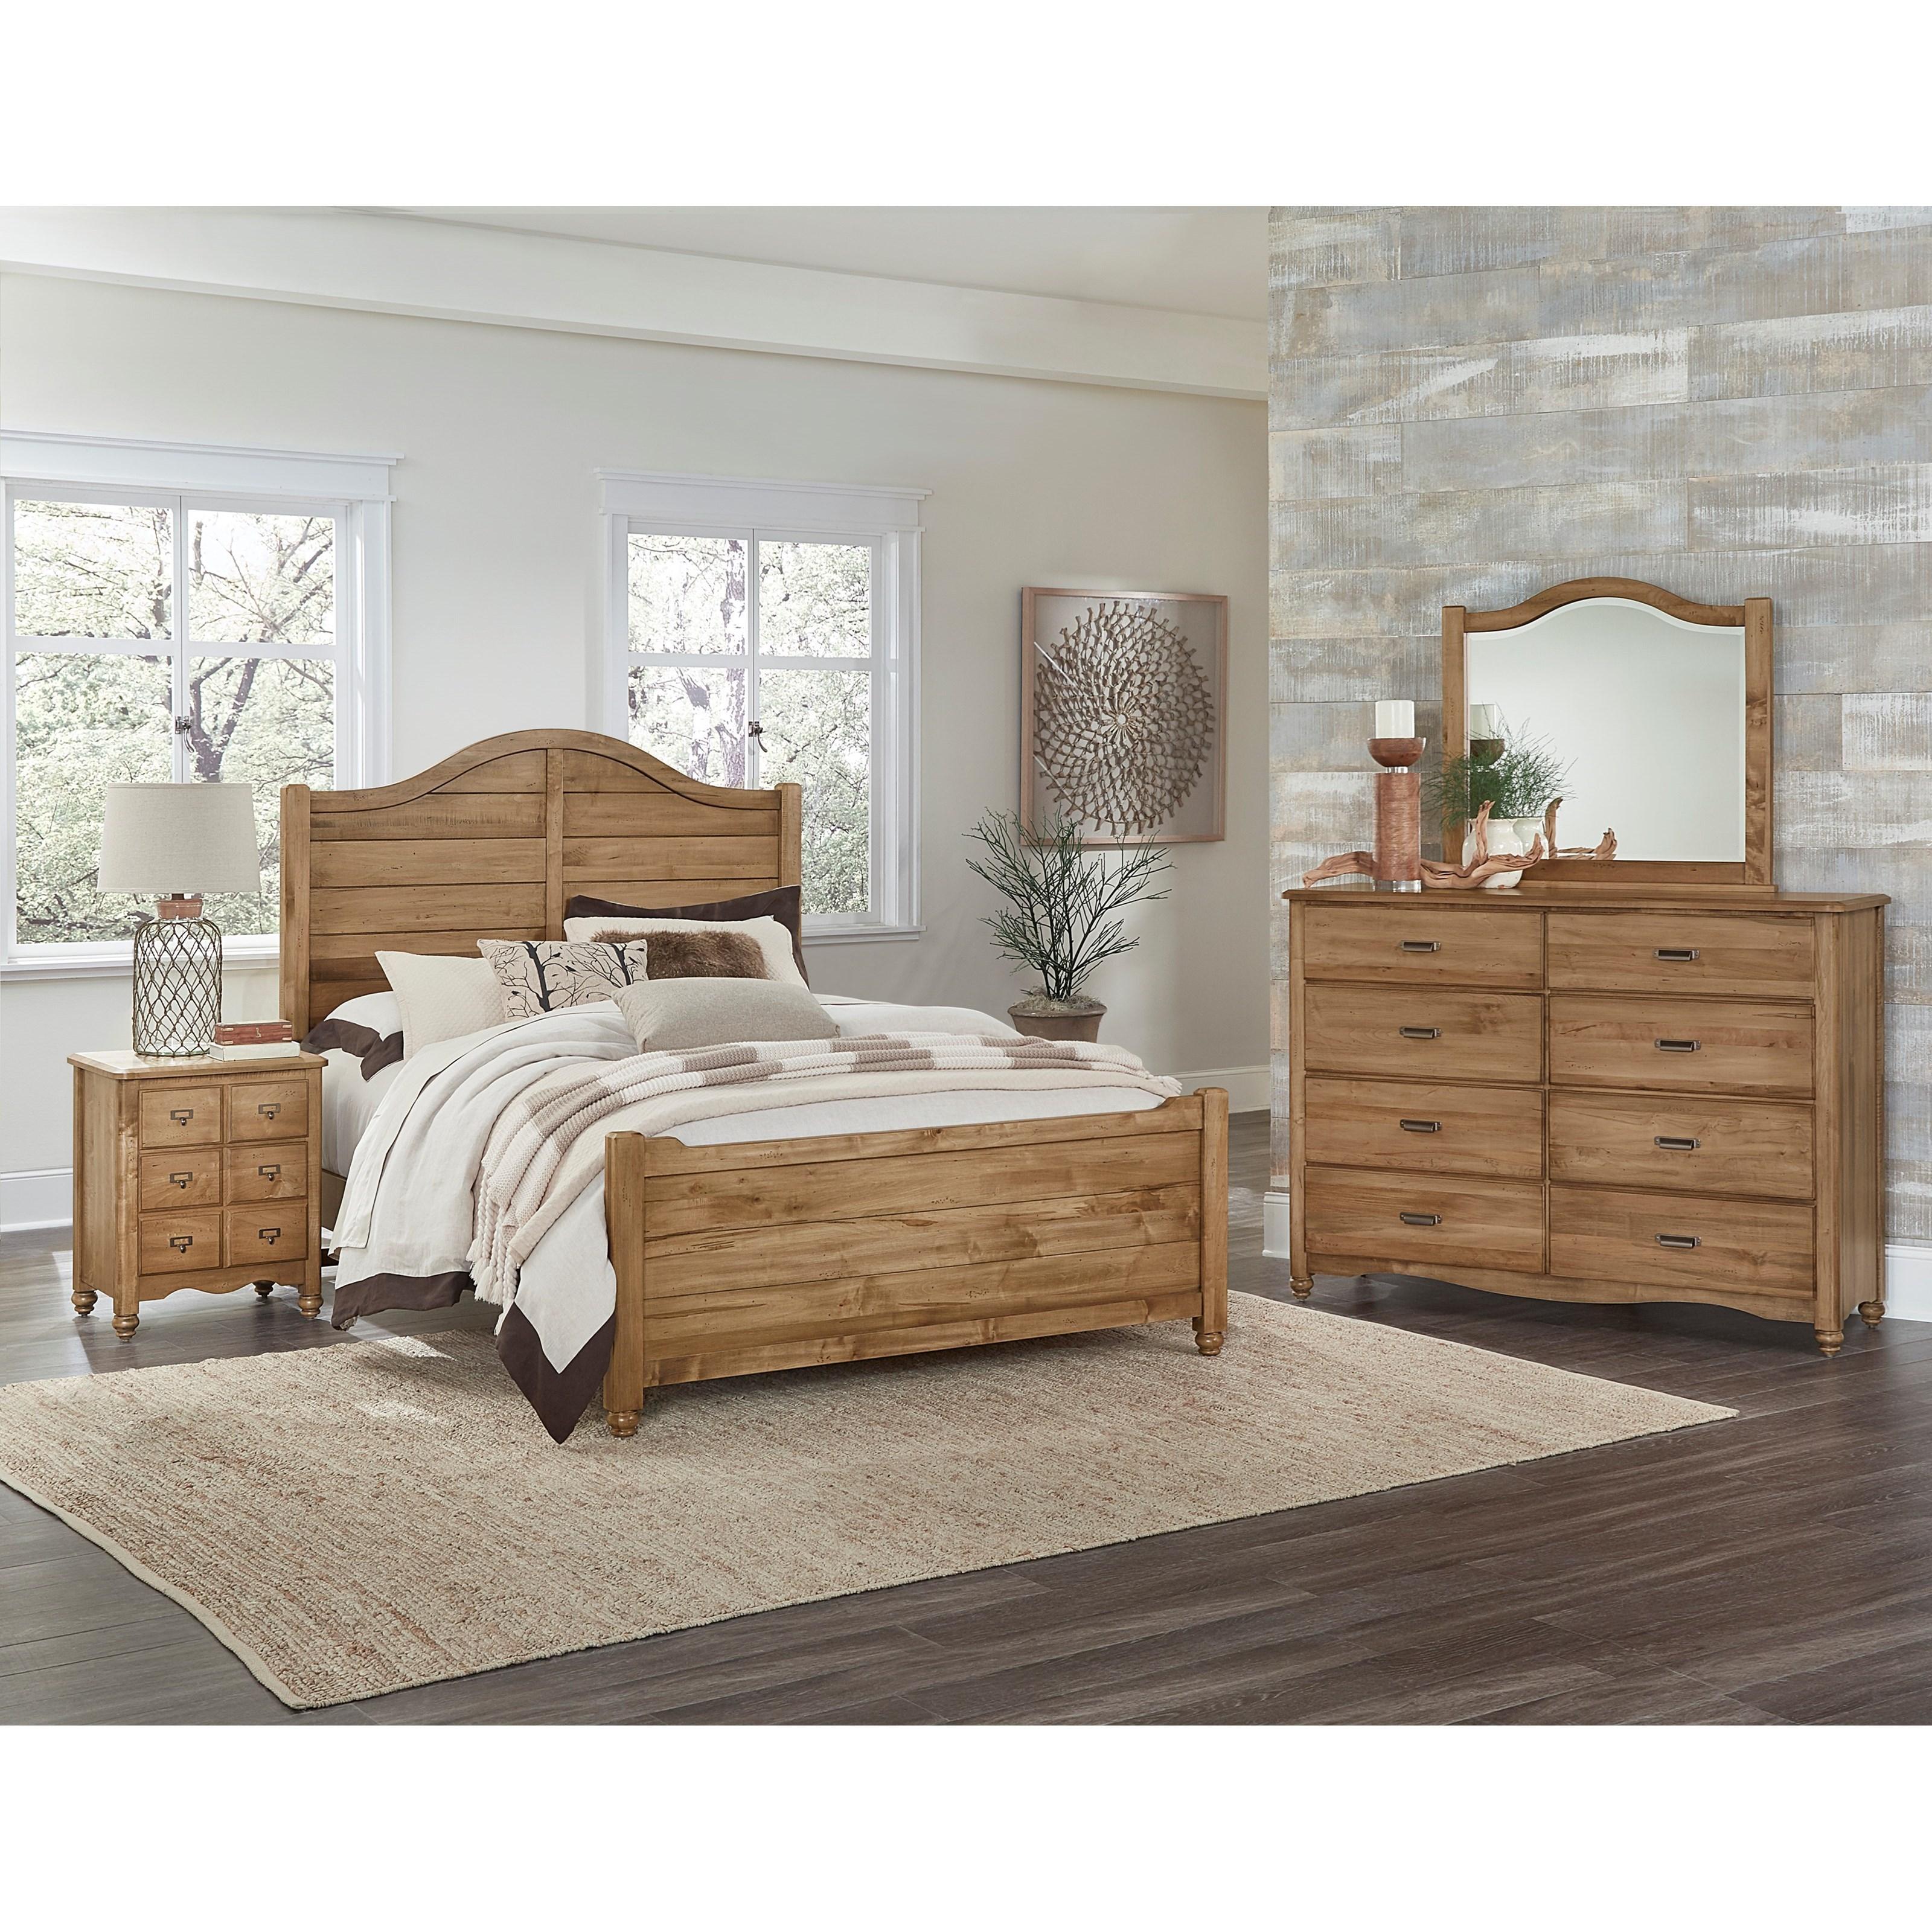 Vaughan Bassett American Maple King Bedroom Group - Item Number: 402 K Bedroom Group 2